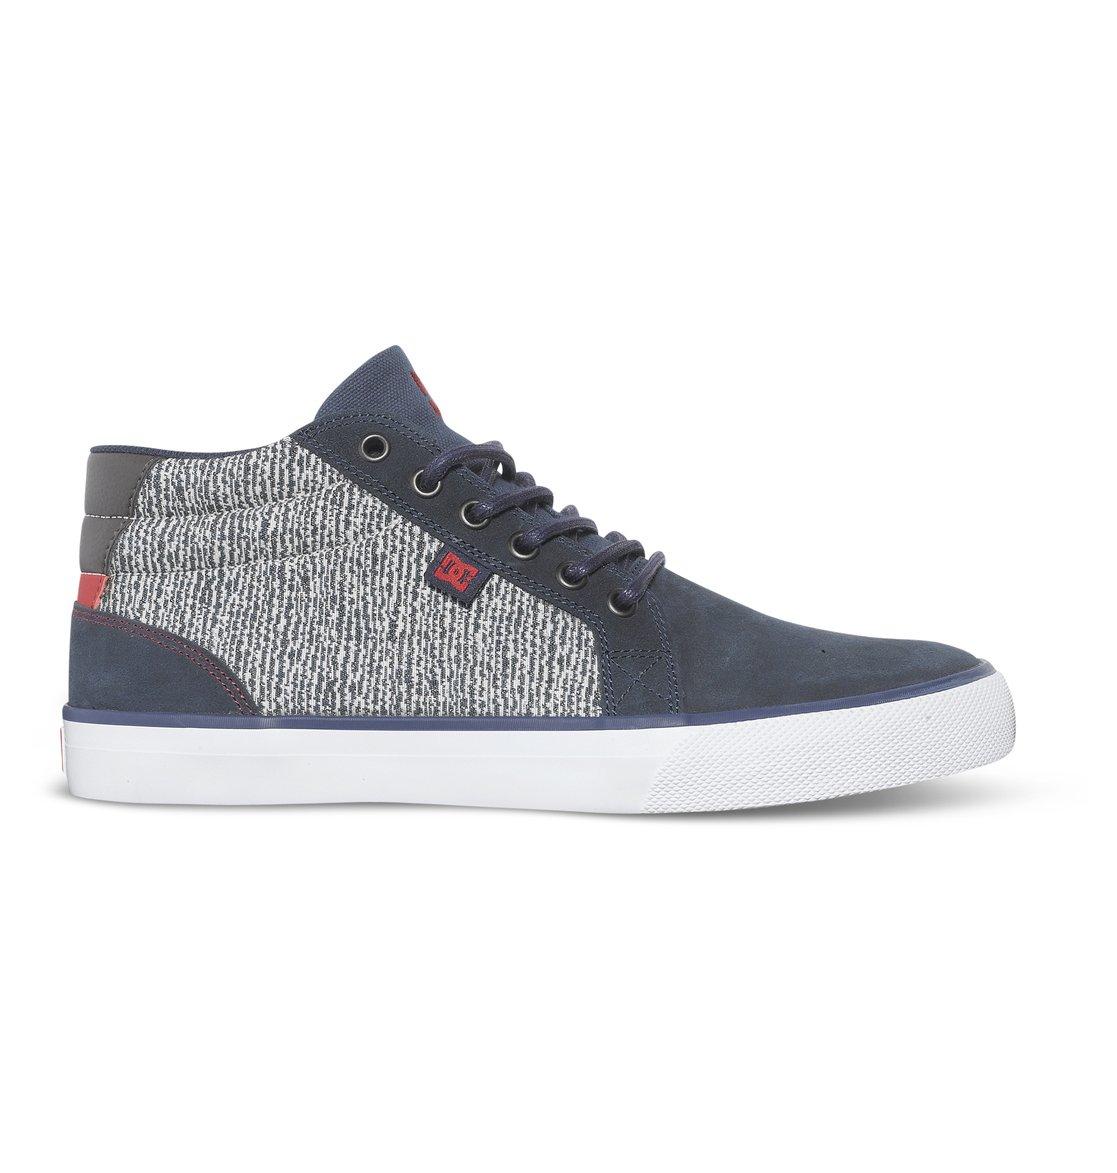 9dca428b36e7 0 Council SE Mid Top Shoes ADYS300076 DC Shoes